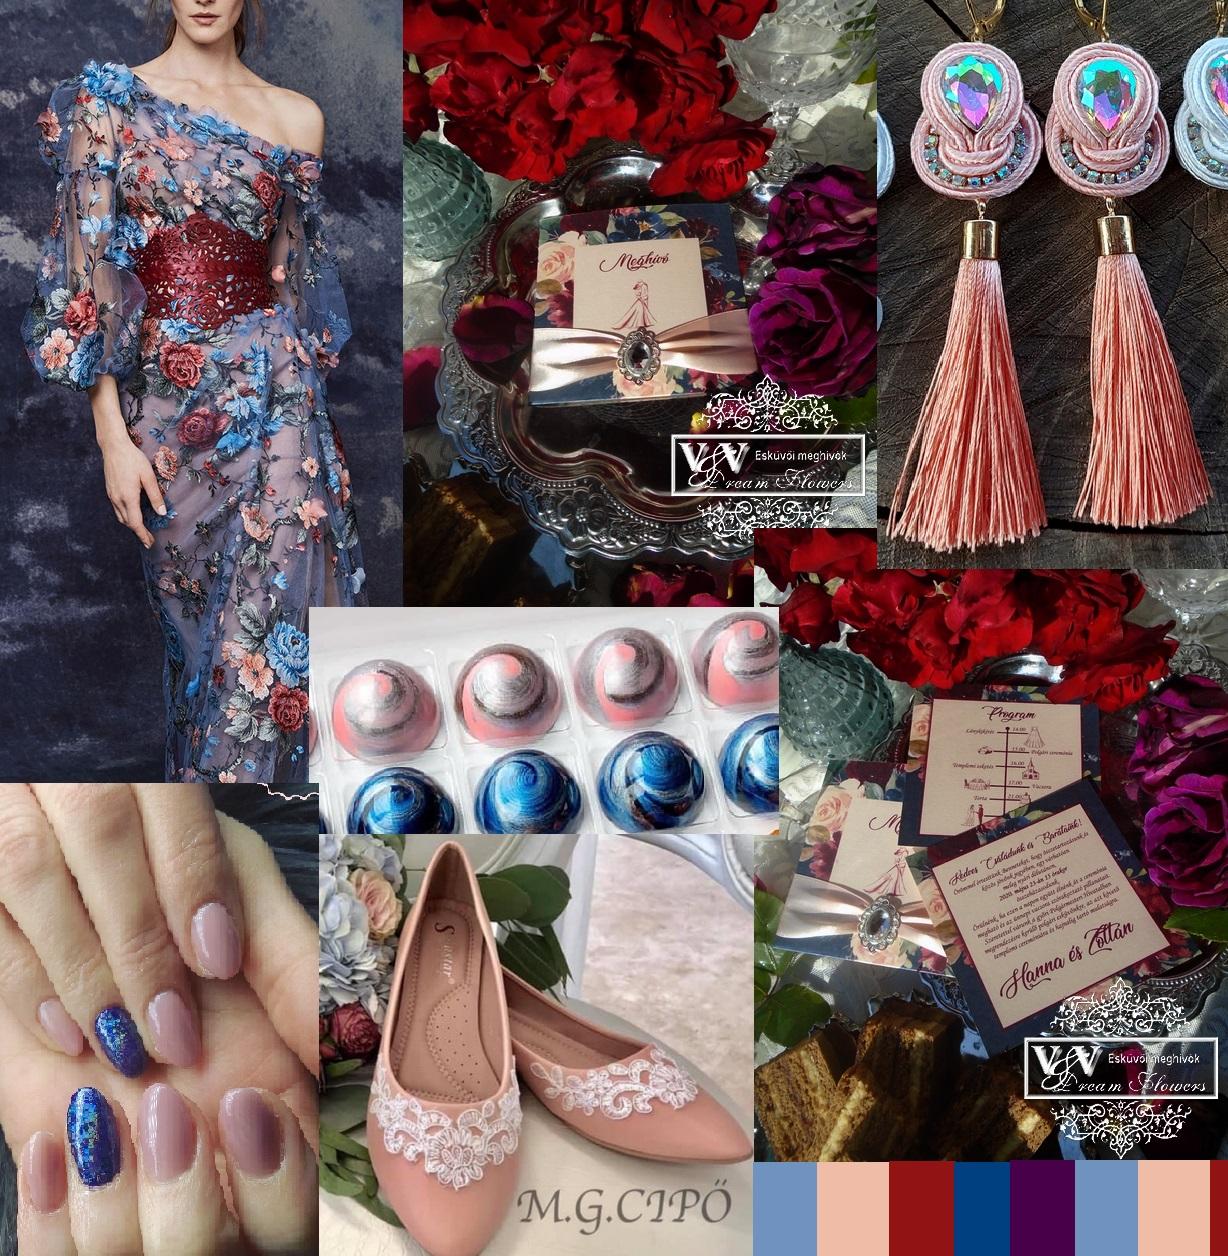 Vintage rózsás esküvői meghívó és szett kék és barack színekben